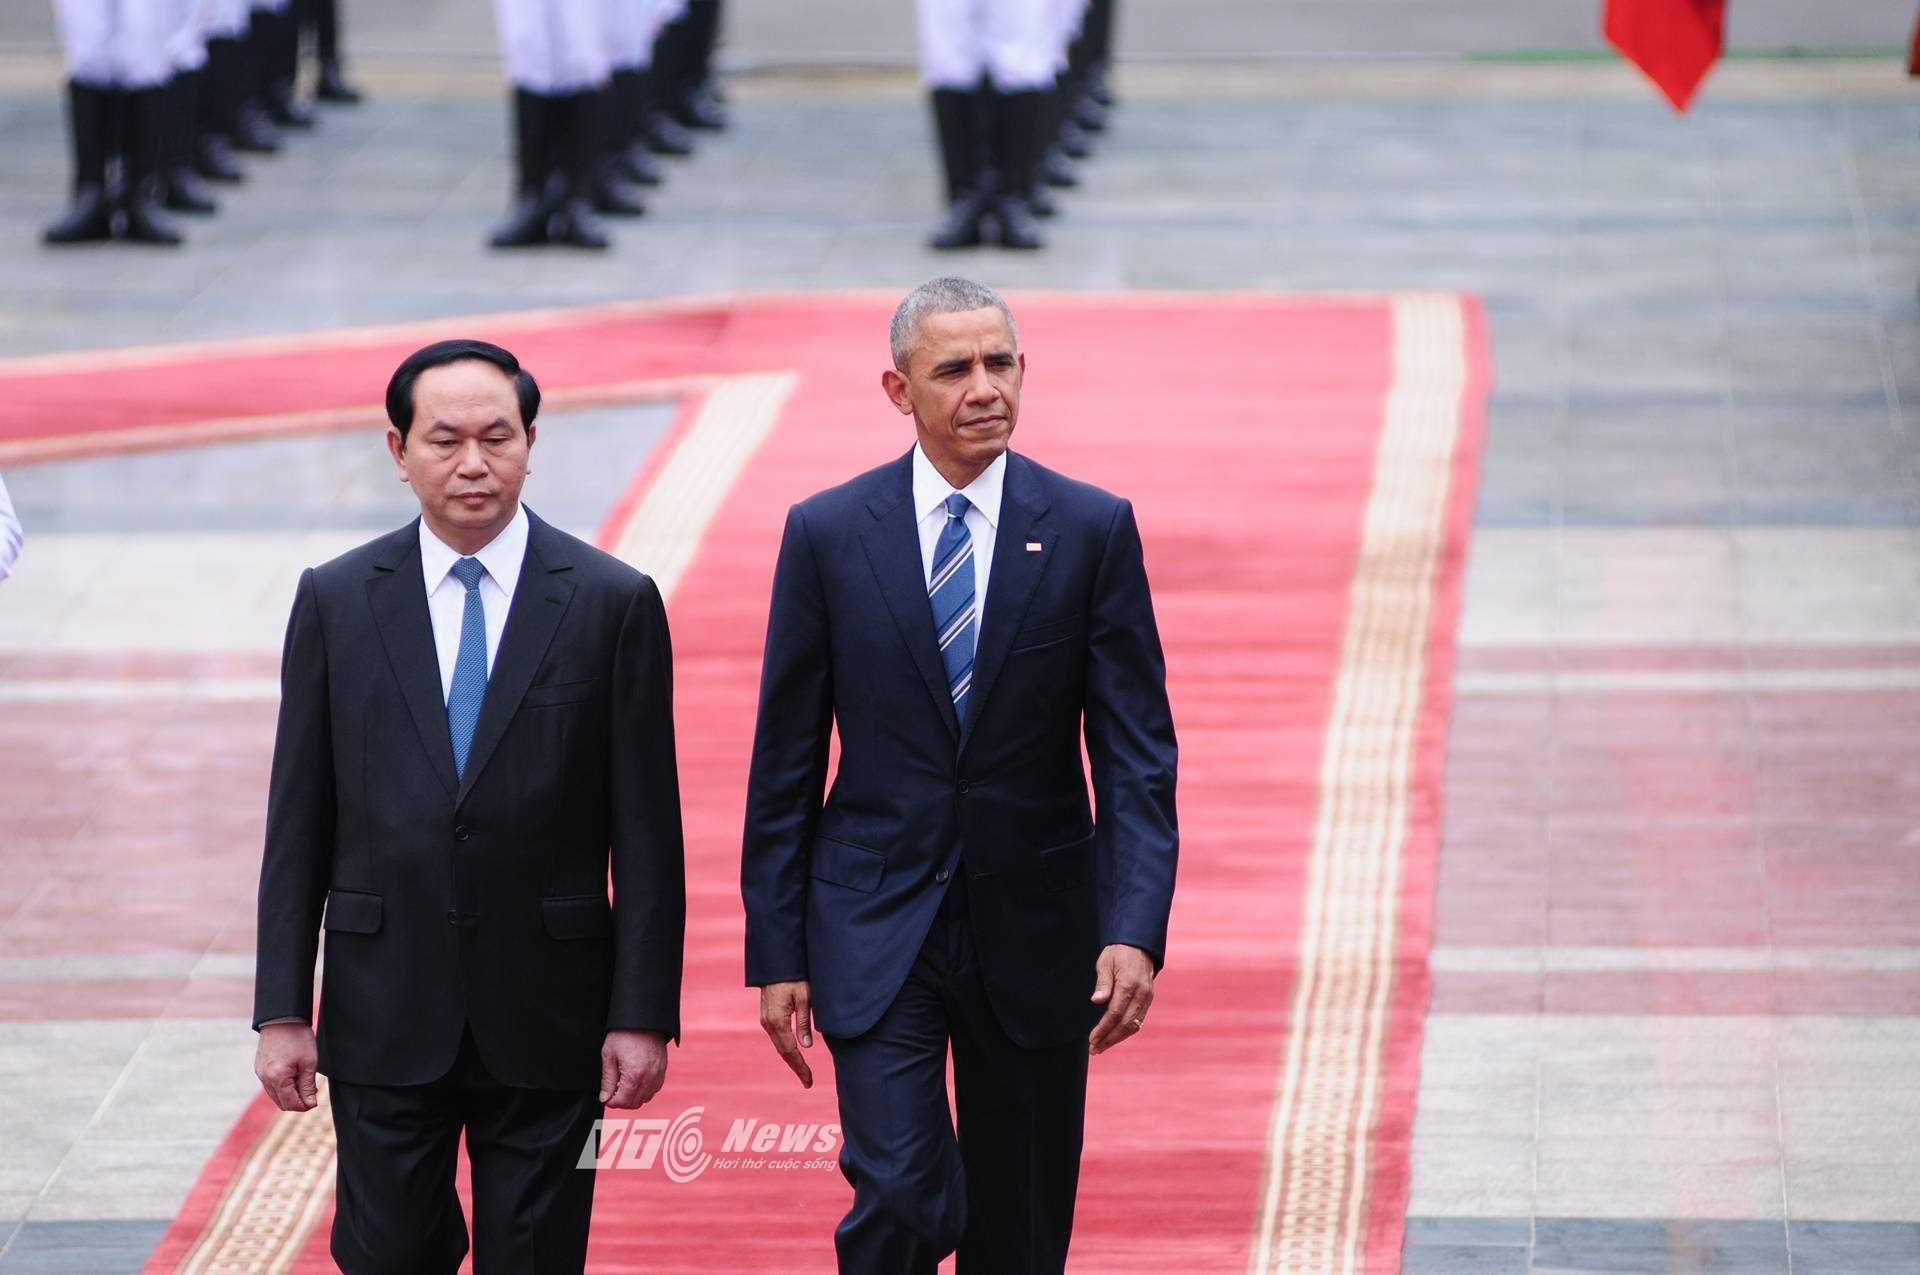 Sau lễ đón chính thức, Chủ tịch nước Trần Đại Quang đã có cuộc hội đàm với Tổng thống Mỹ Barack Obama tại Phủ Chủ tịch.